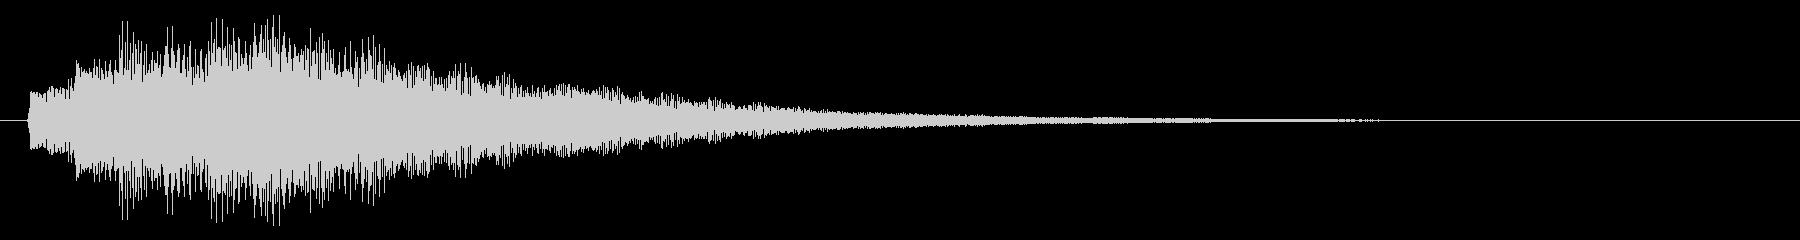 決定音/キラキラ/上昇系の未再生の波形